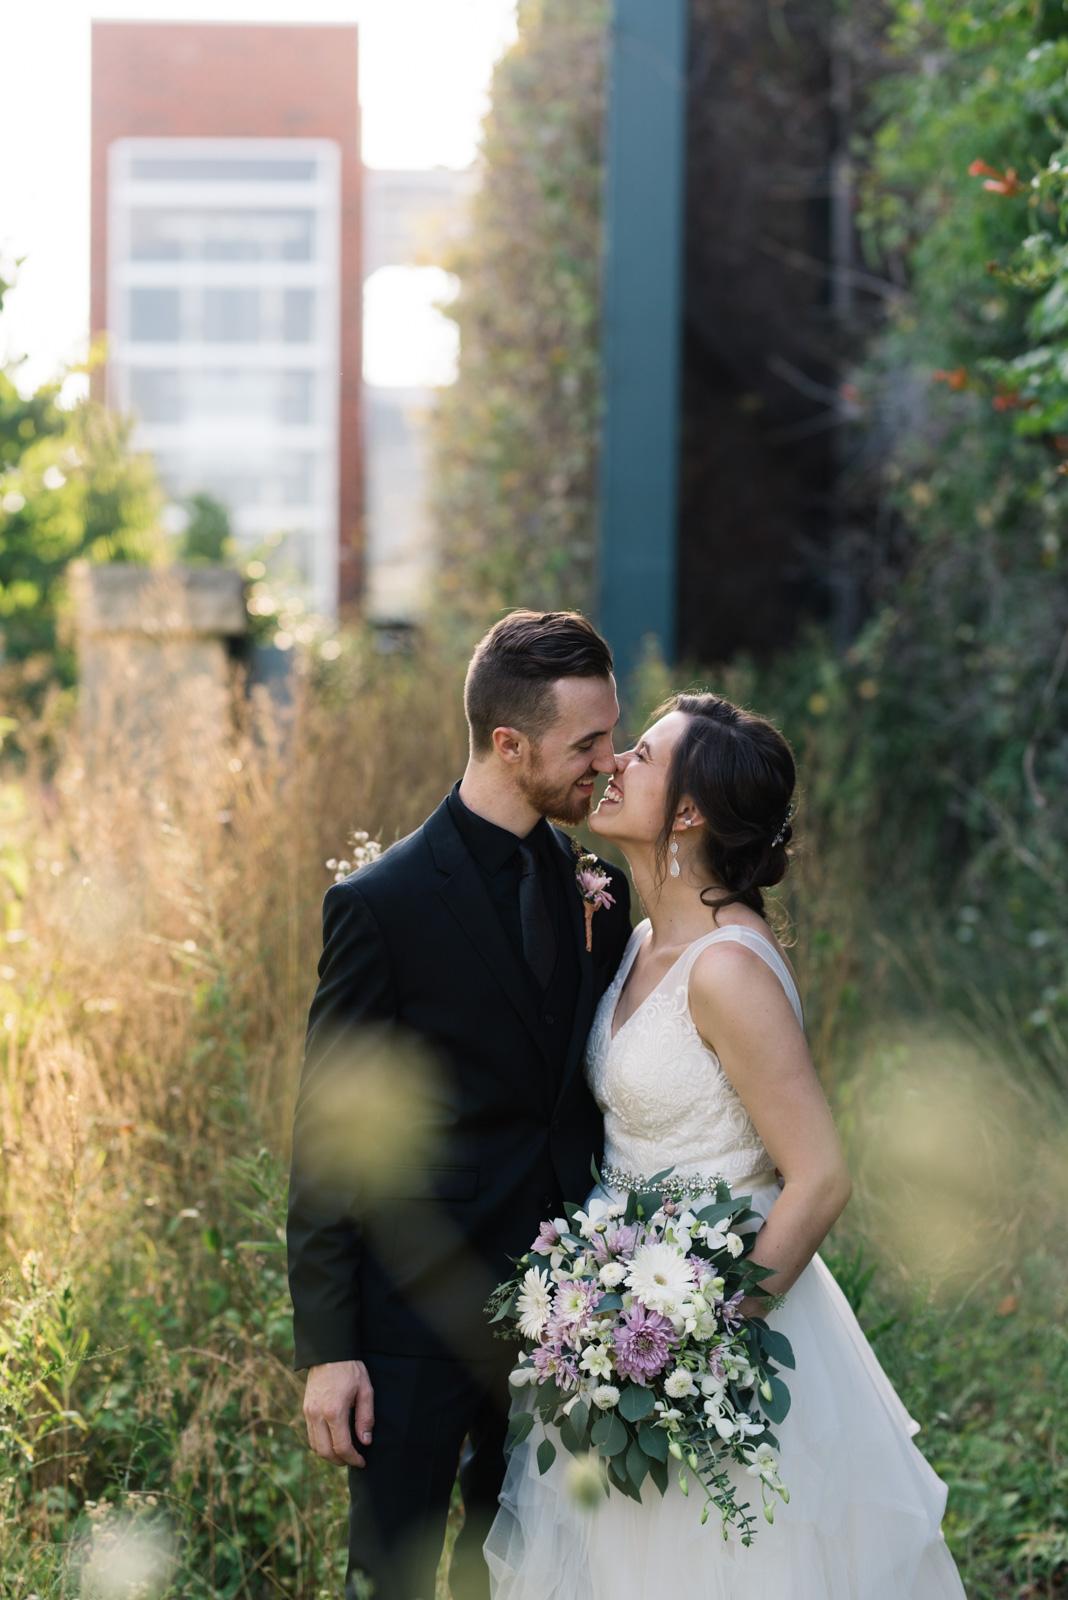 Coralville Wedding | Coralville Marriott Hotel Wedding Venue | Tim + Sadie